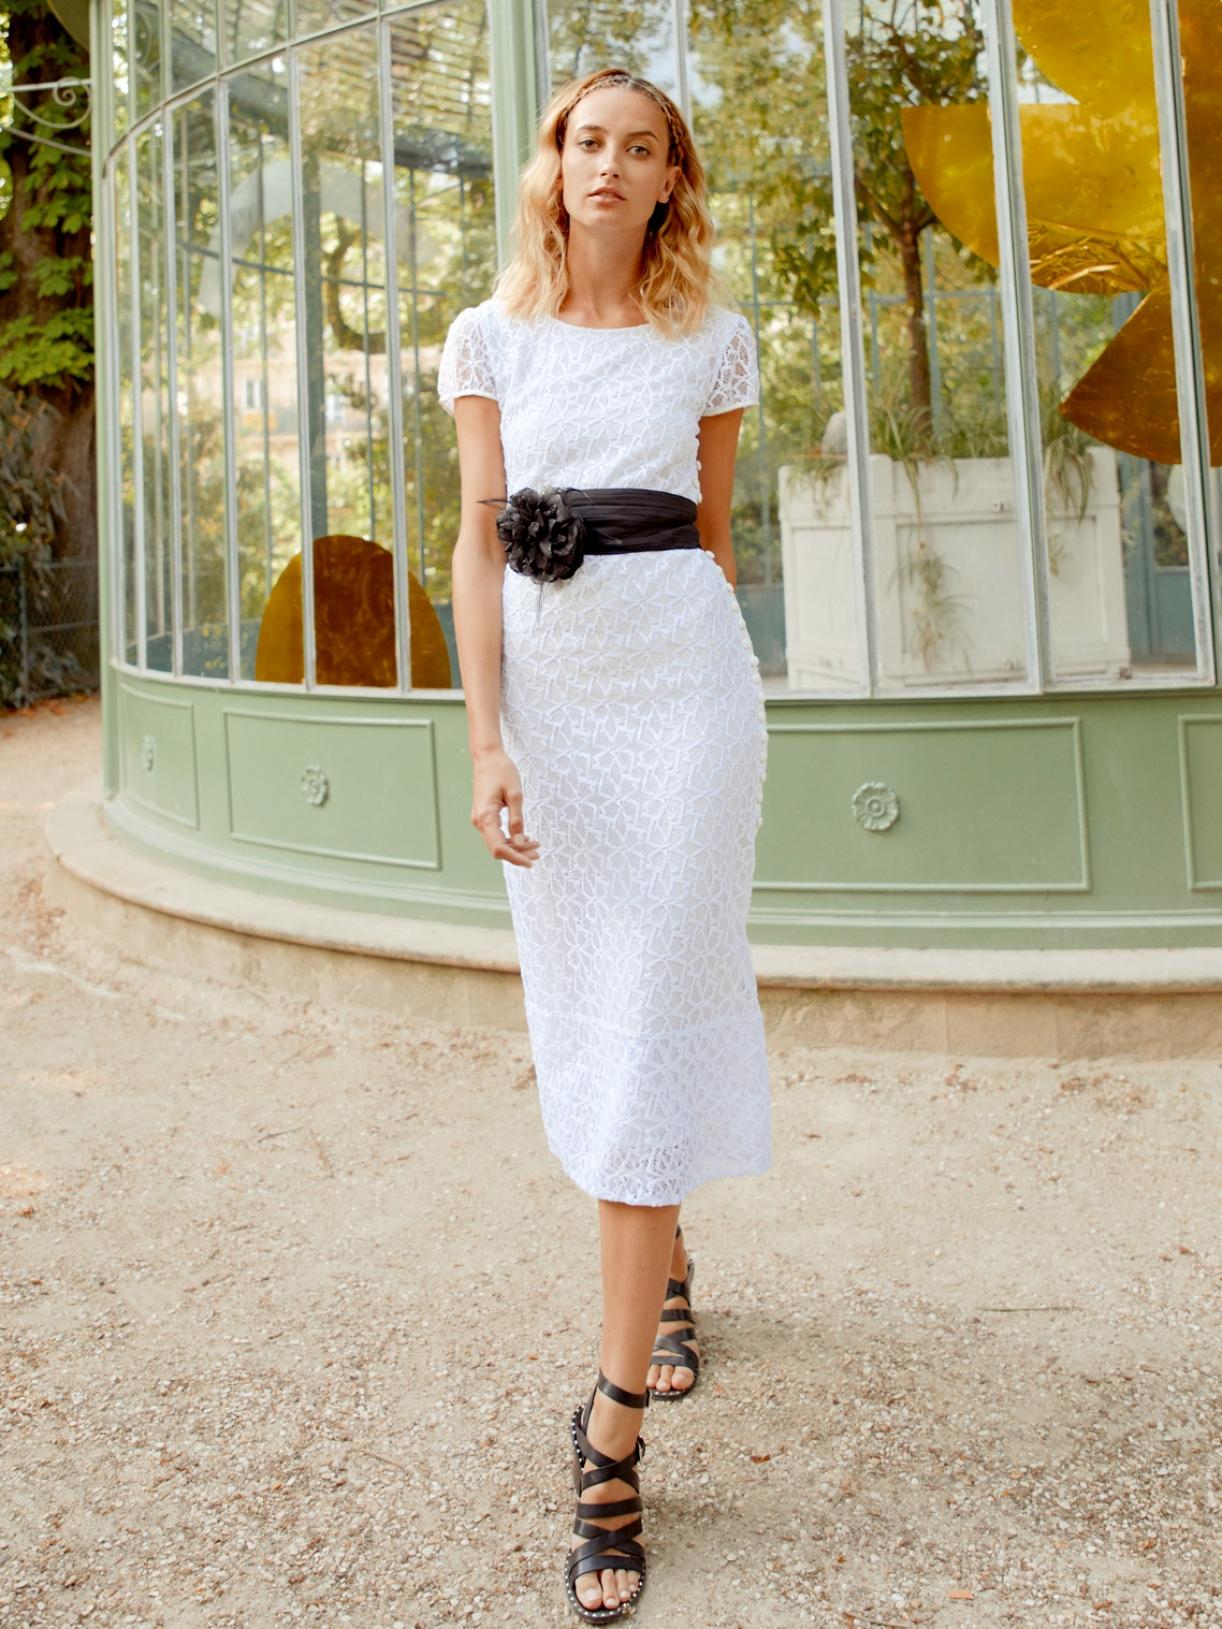 Jade - Robe de mariée courte moulante sexy et chic en dentelle pour mariage civil créateur et sur-mesure pas cher a Paris - Myphilosophy